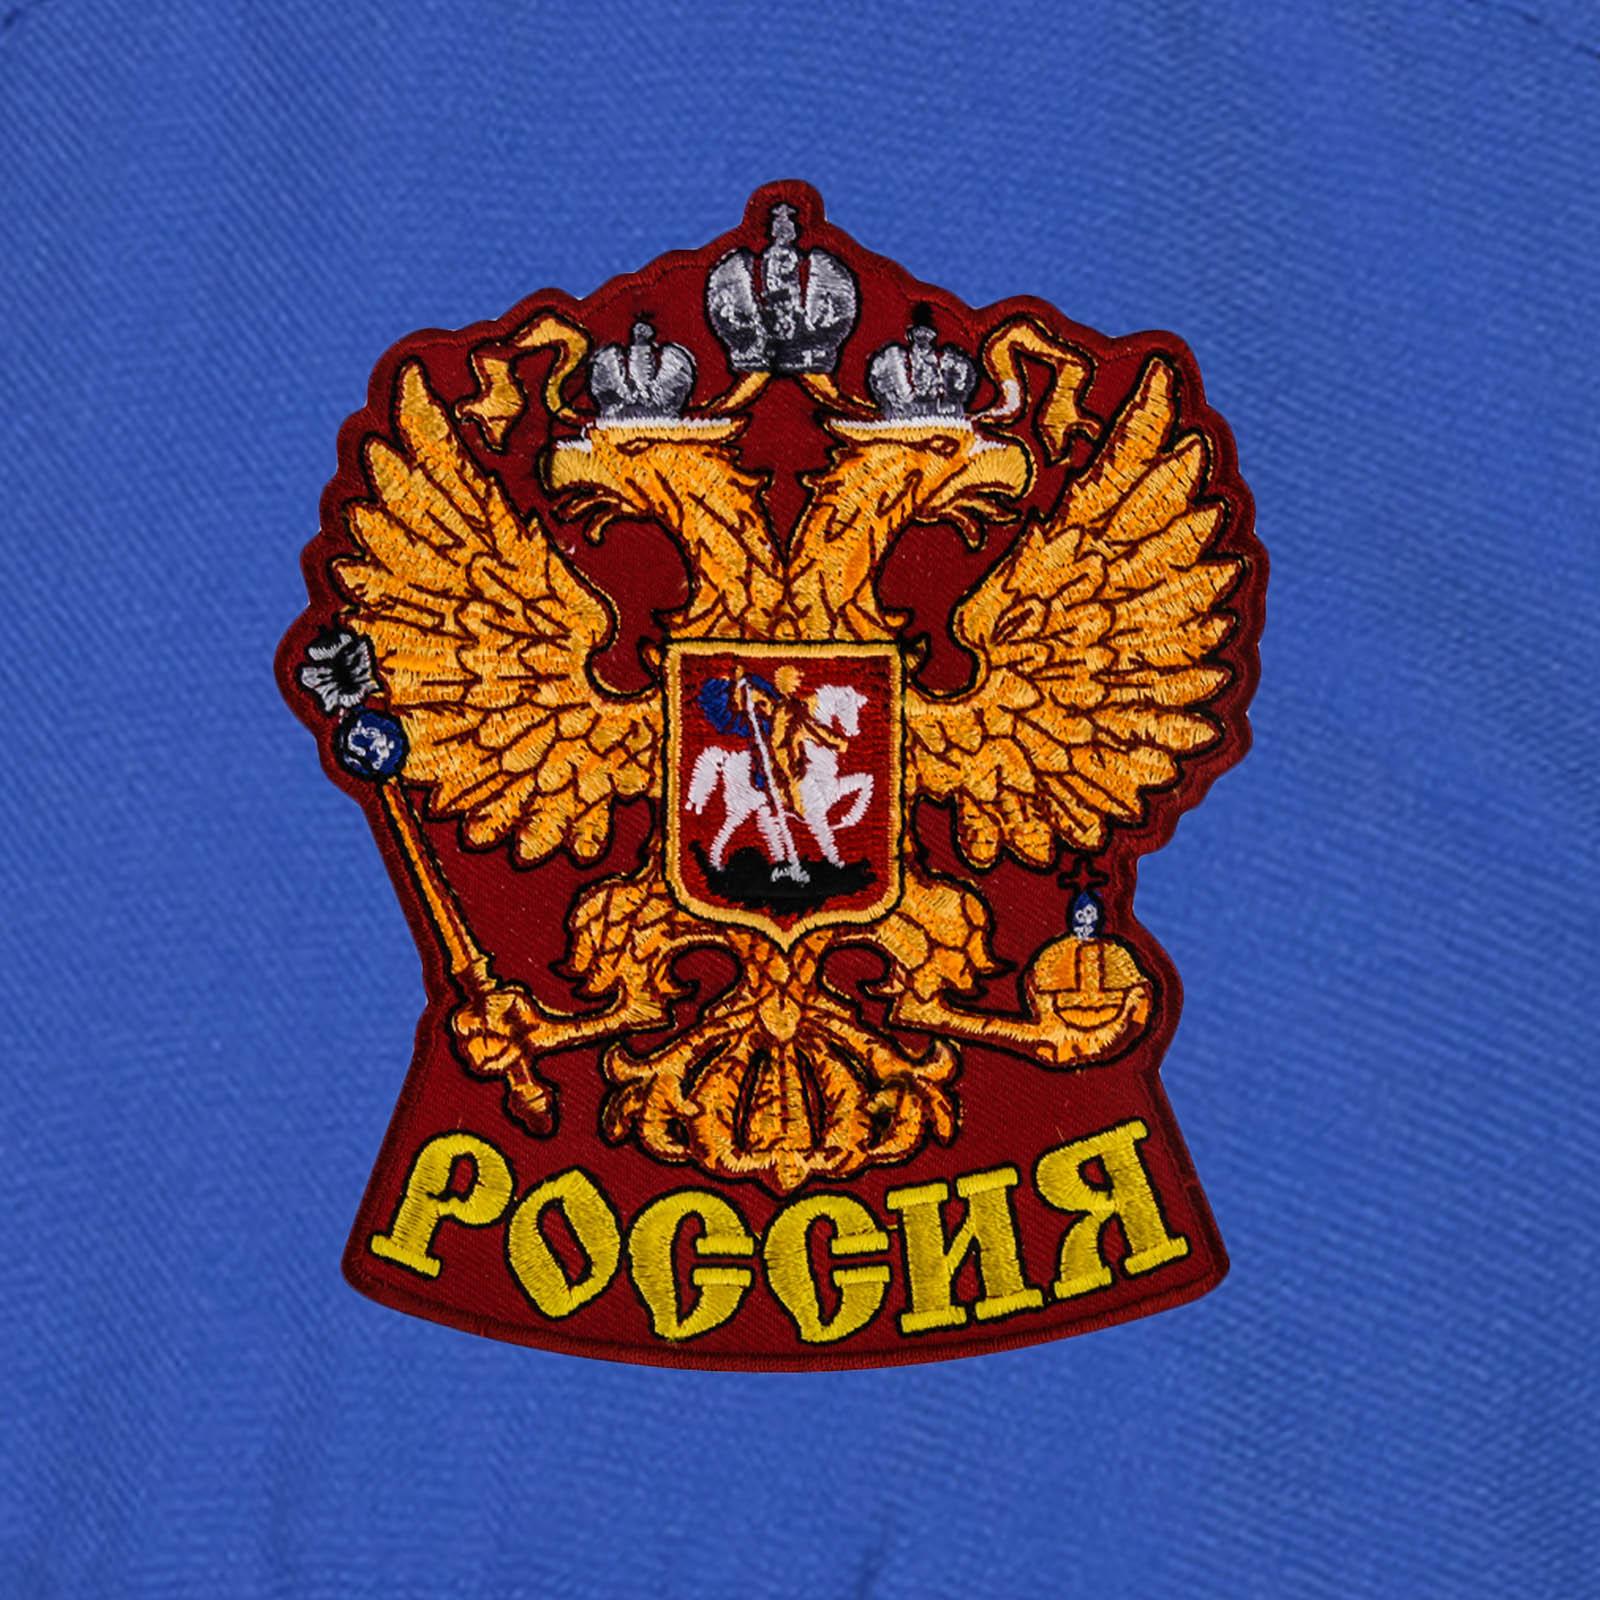 Бейсболка патриота с вышитой гербовой фигурой орла.